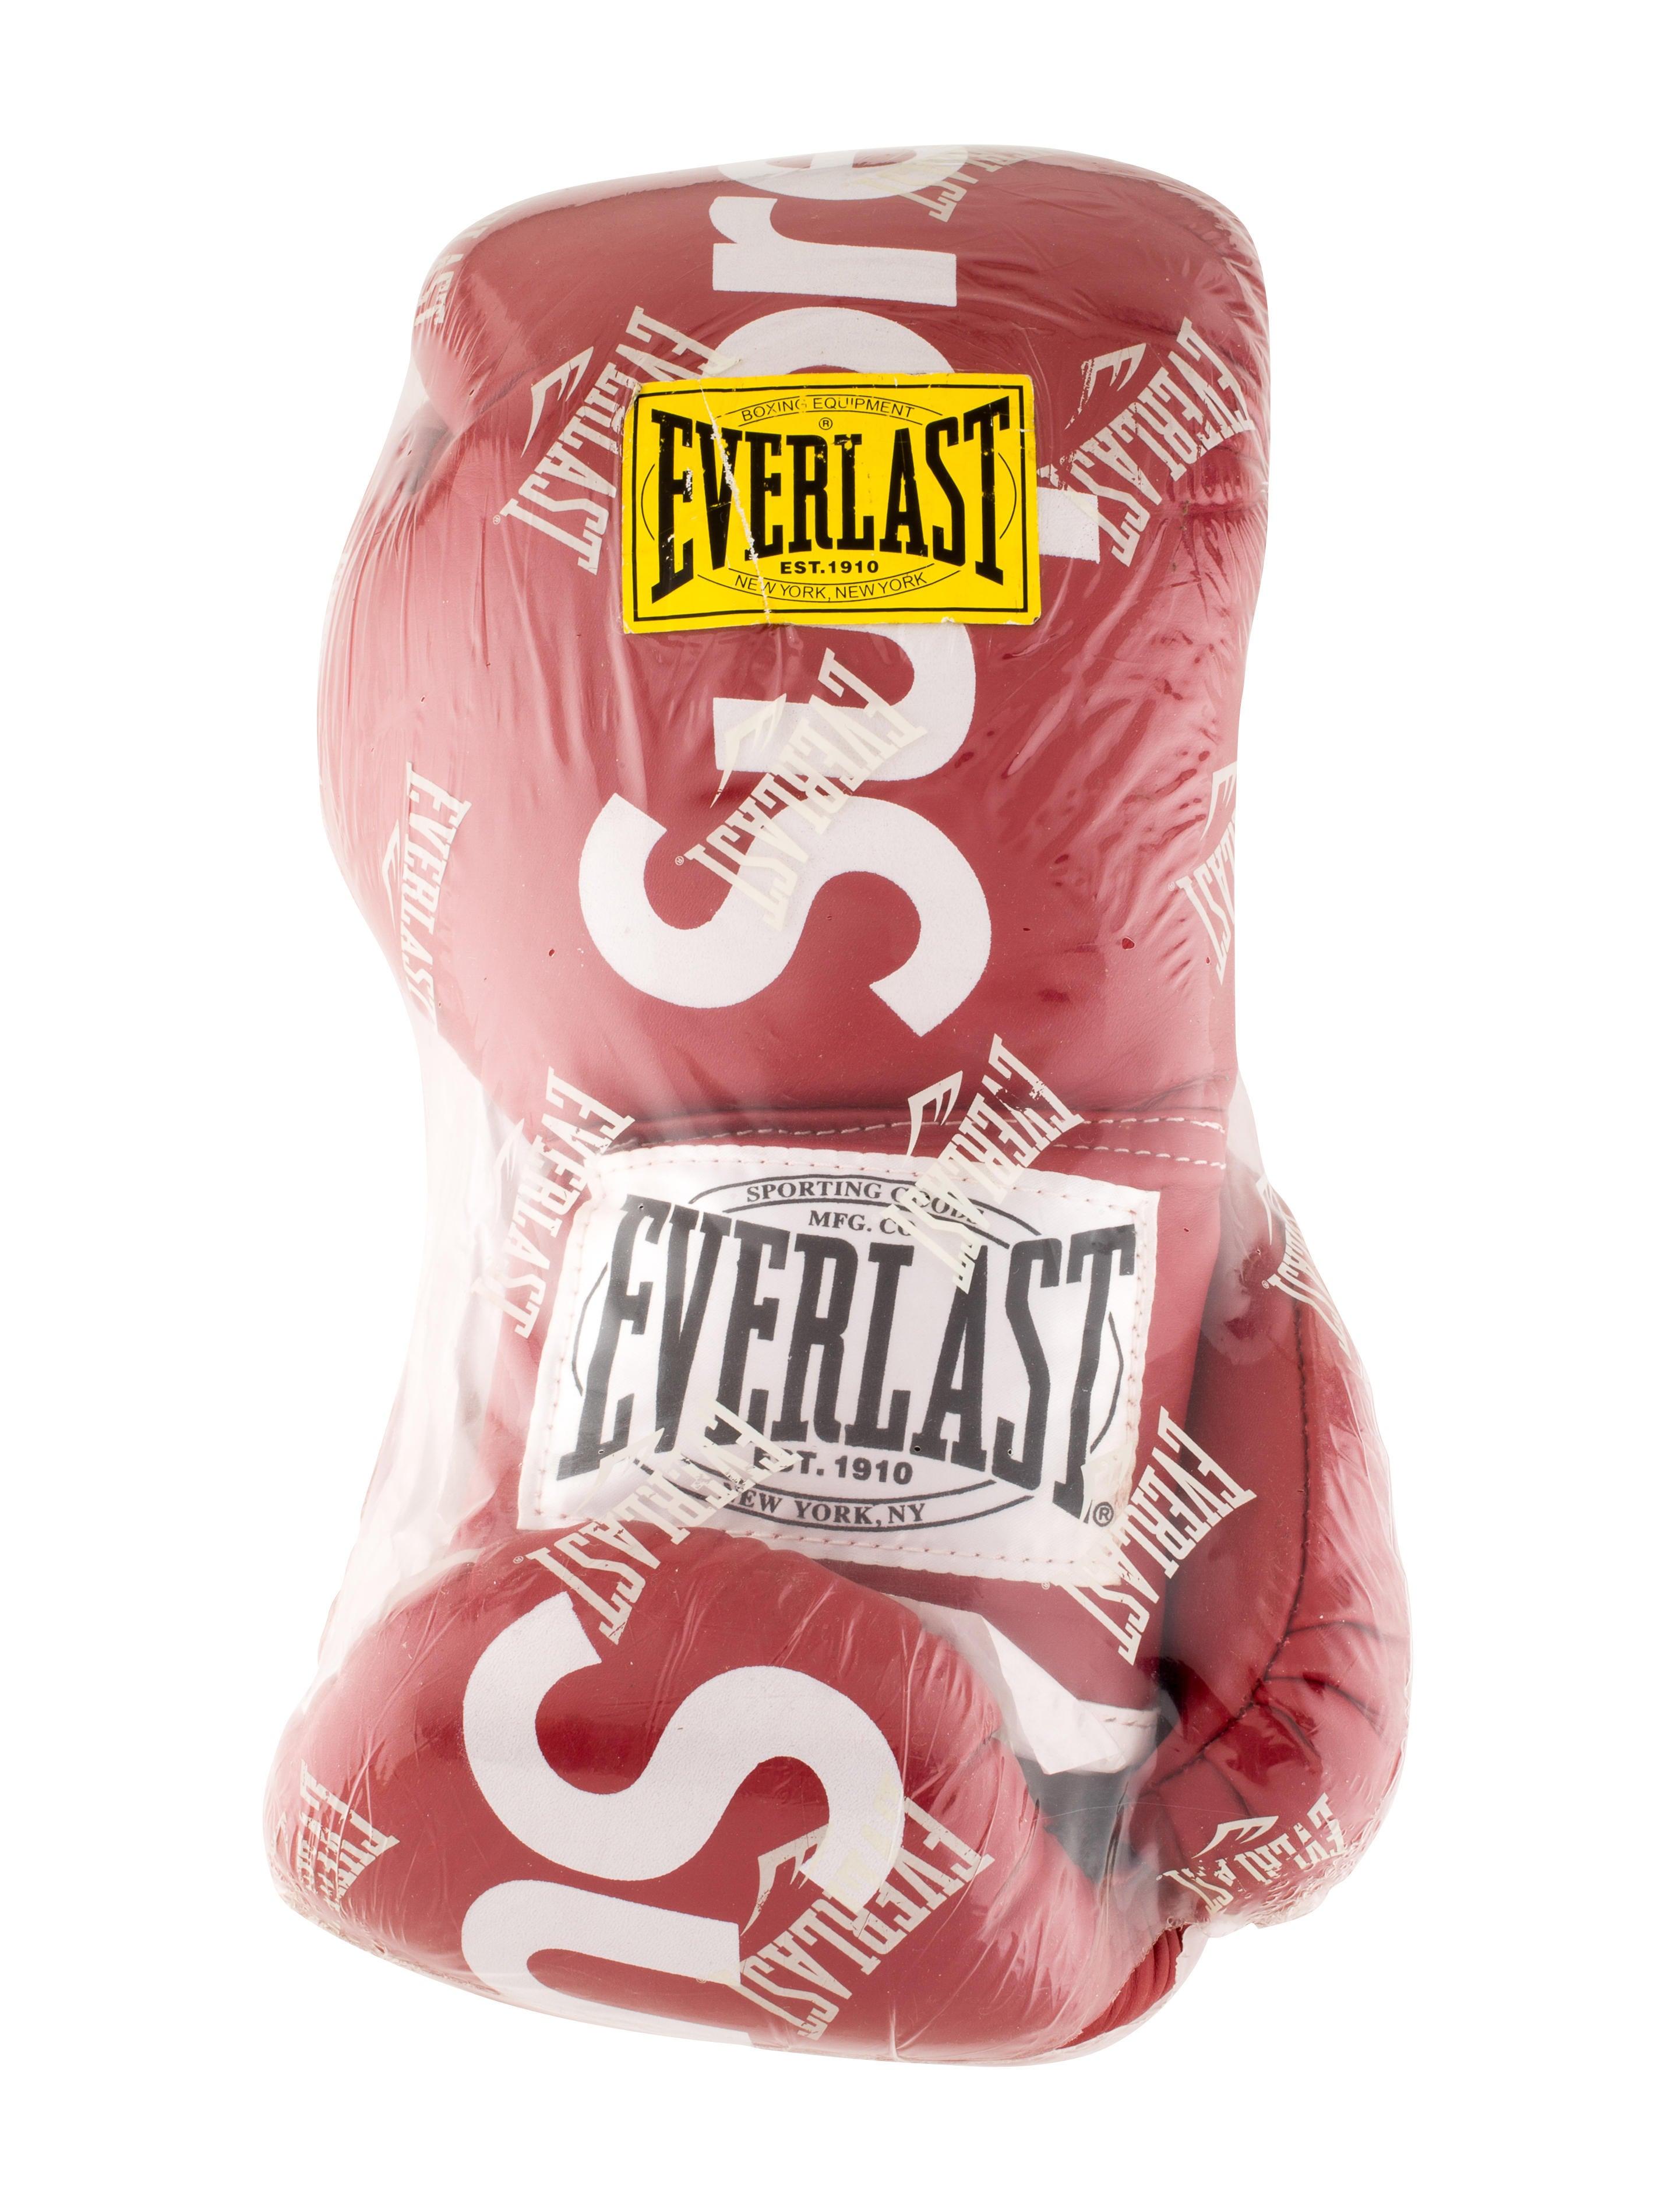 c0506c5e Supreme Everlast Boxing Gloves w/ Tags - Decor & Accessories ...